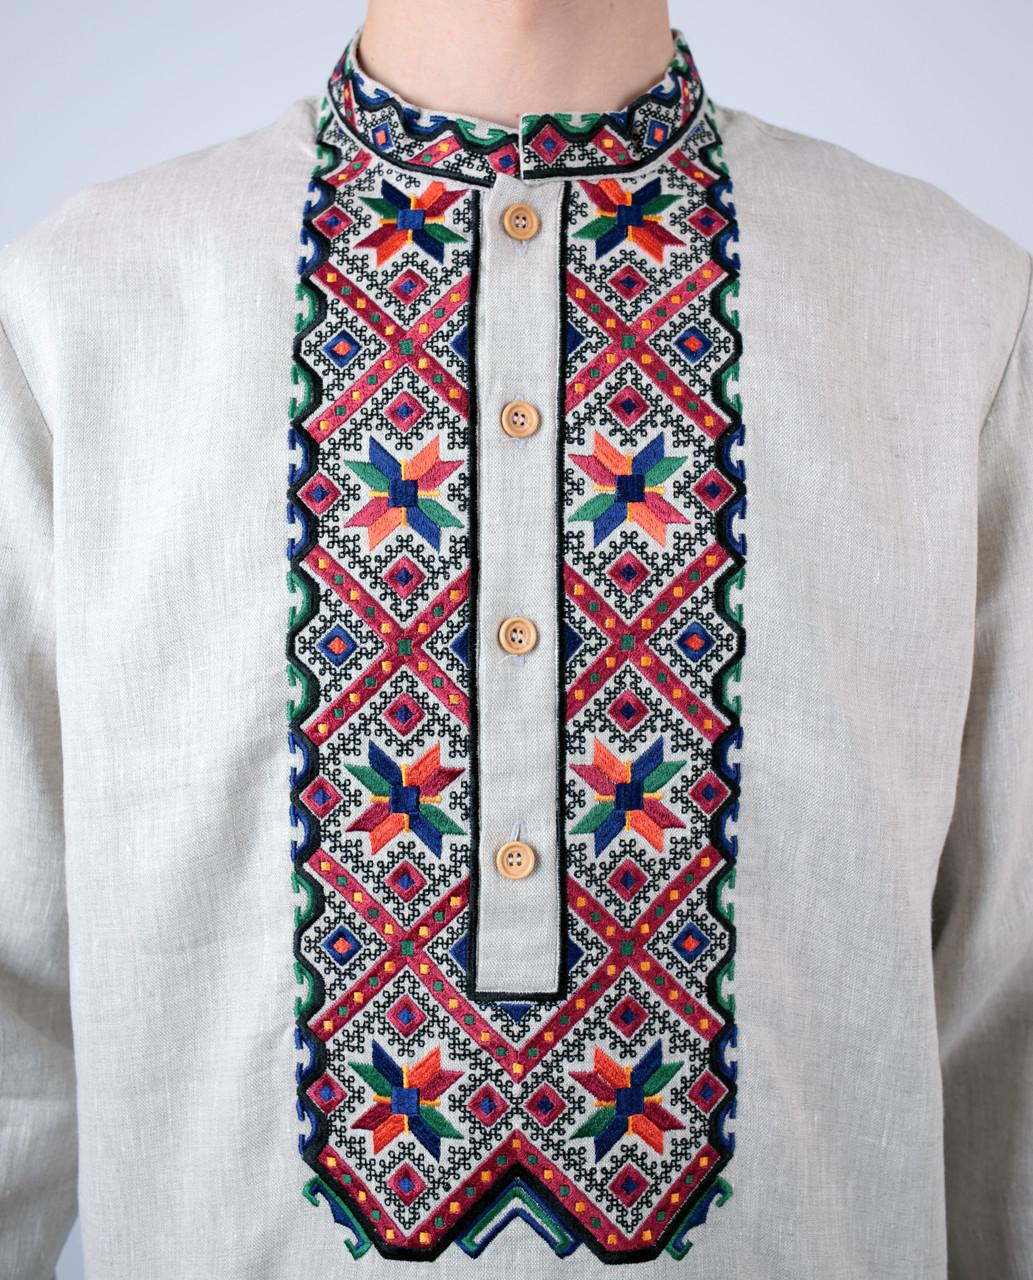 Бежева лляна чоловіча вишиванка на довгий рукав з кольоровим орнаментом ручної  роботи  26059e38d57e6